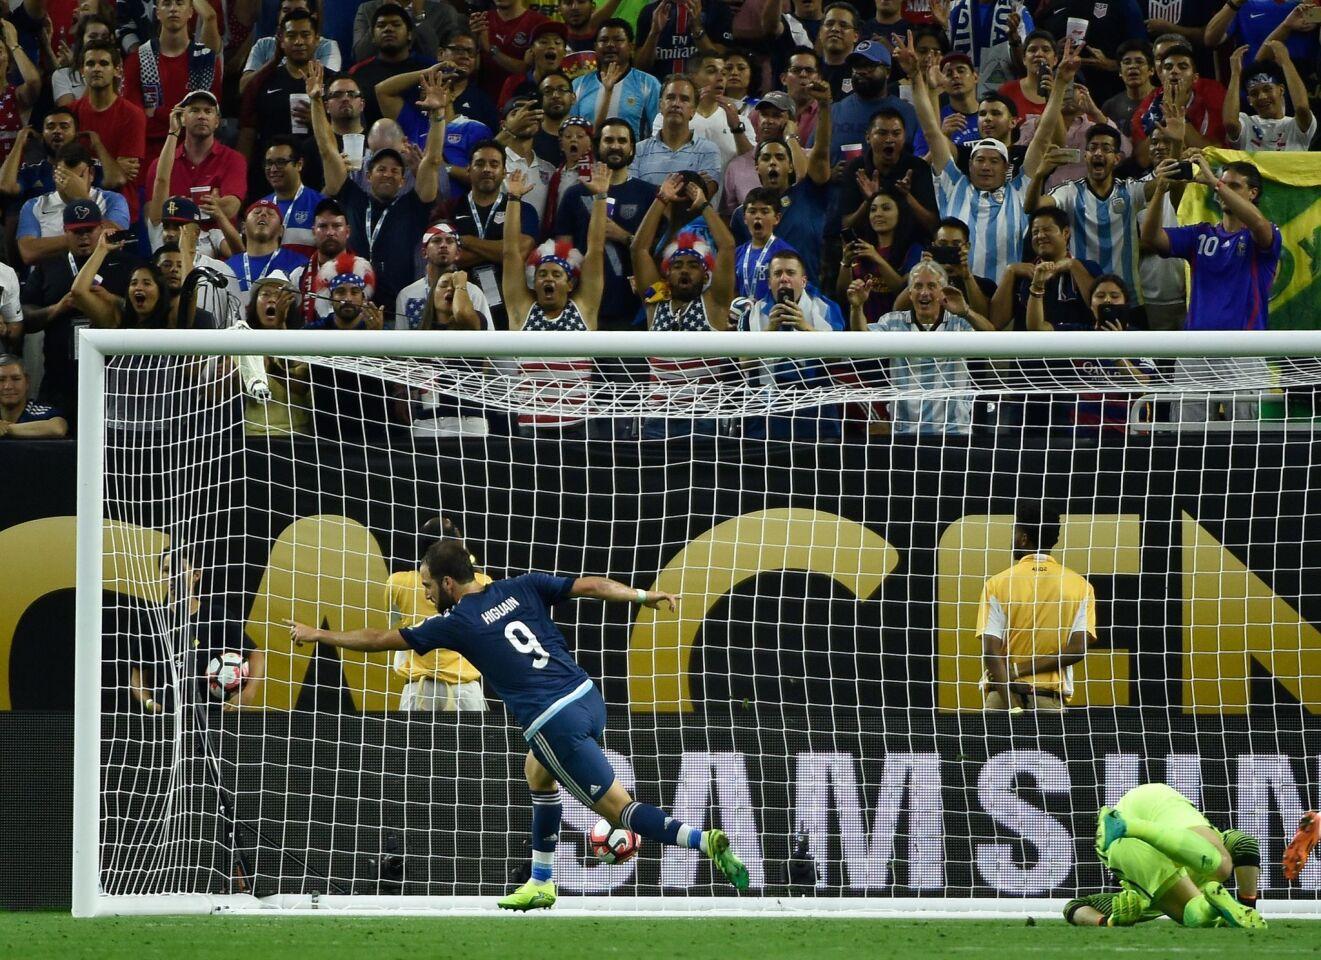 EEUU vs. Argentina